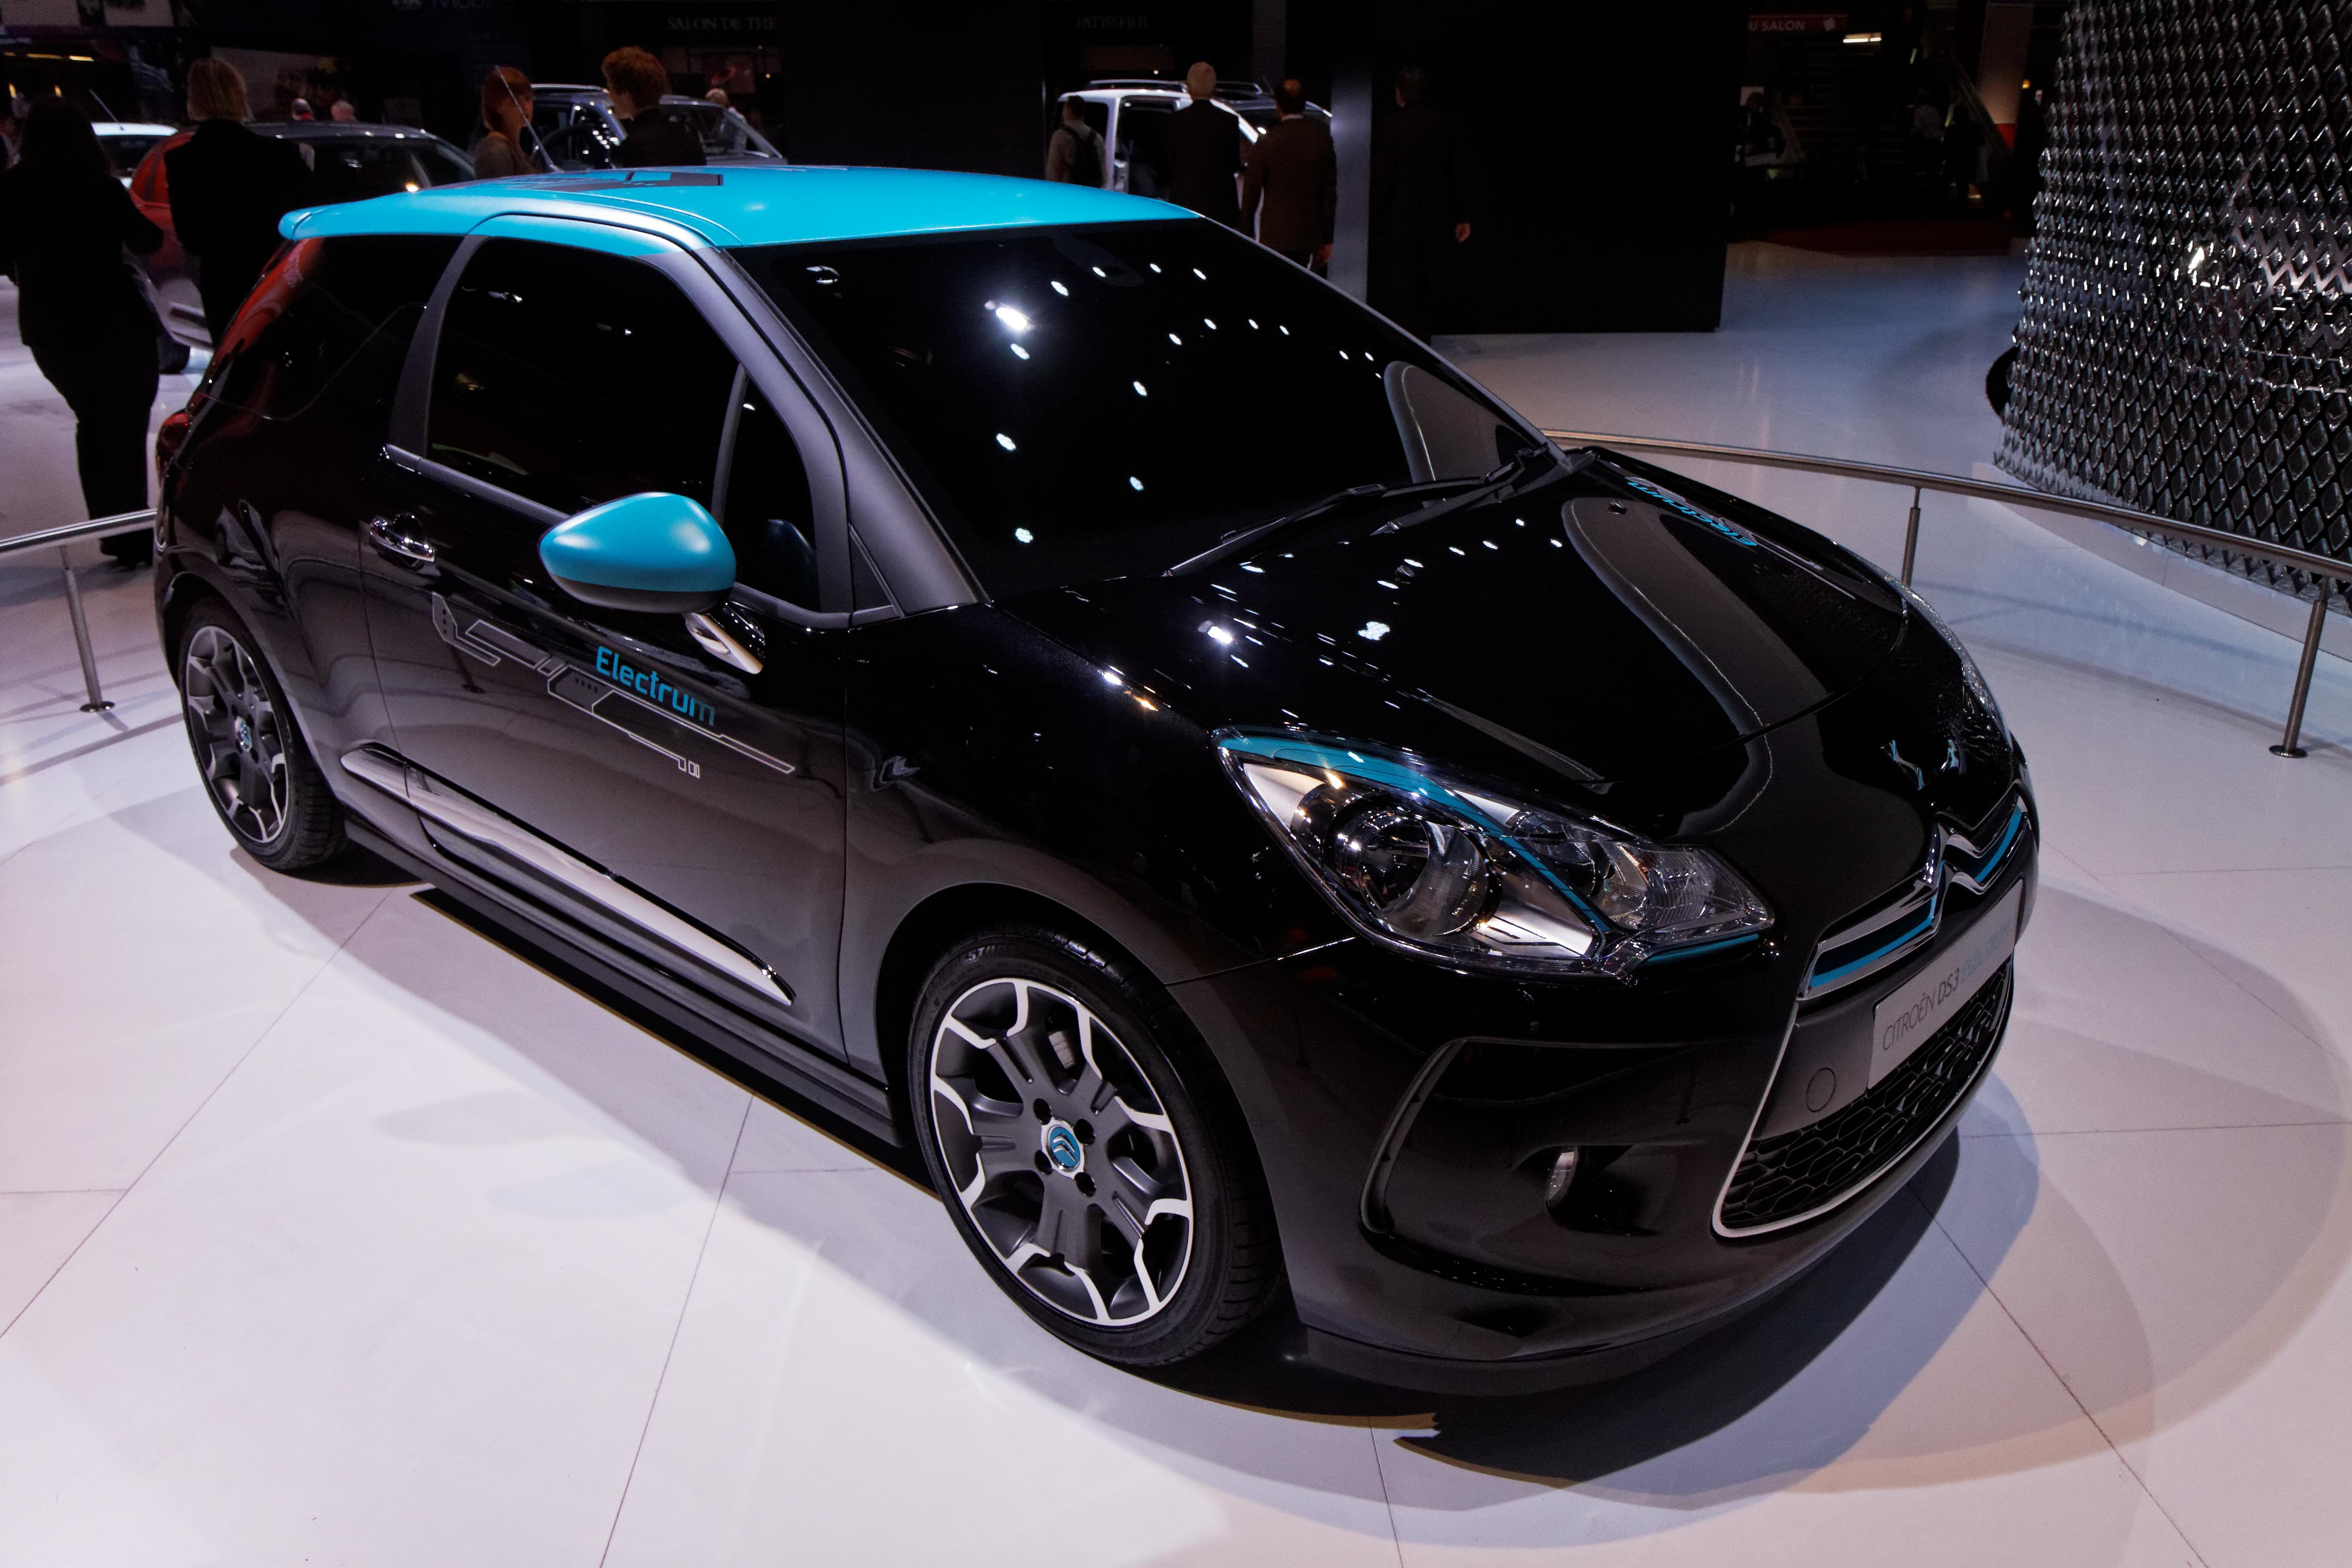 file citro n ds3 electrum mondial de l 39 automobile de paris 2012 wikimedia commons. Black Bedroom Furniture Sets. Home Design Ideas